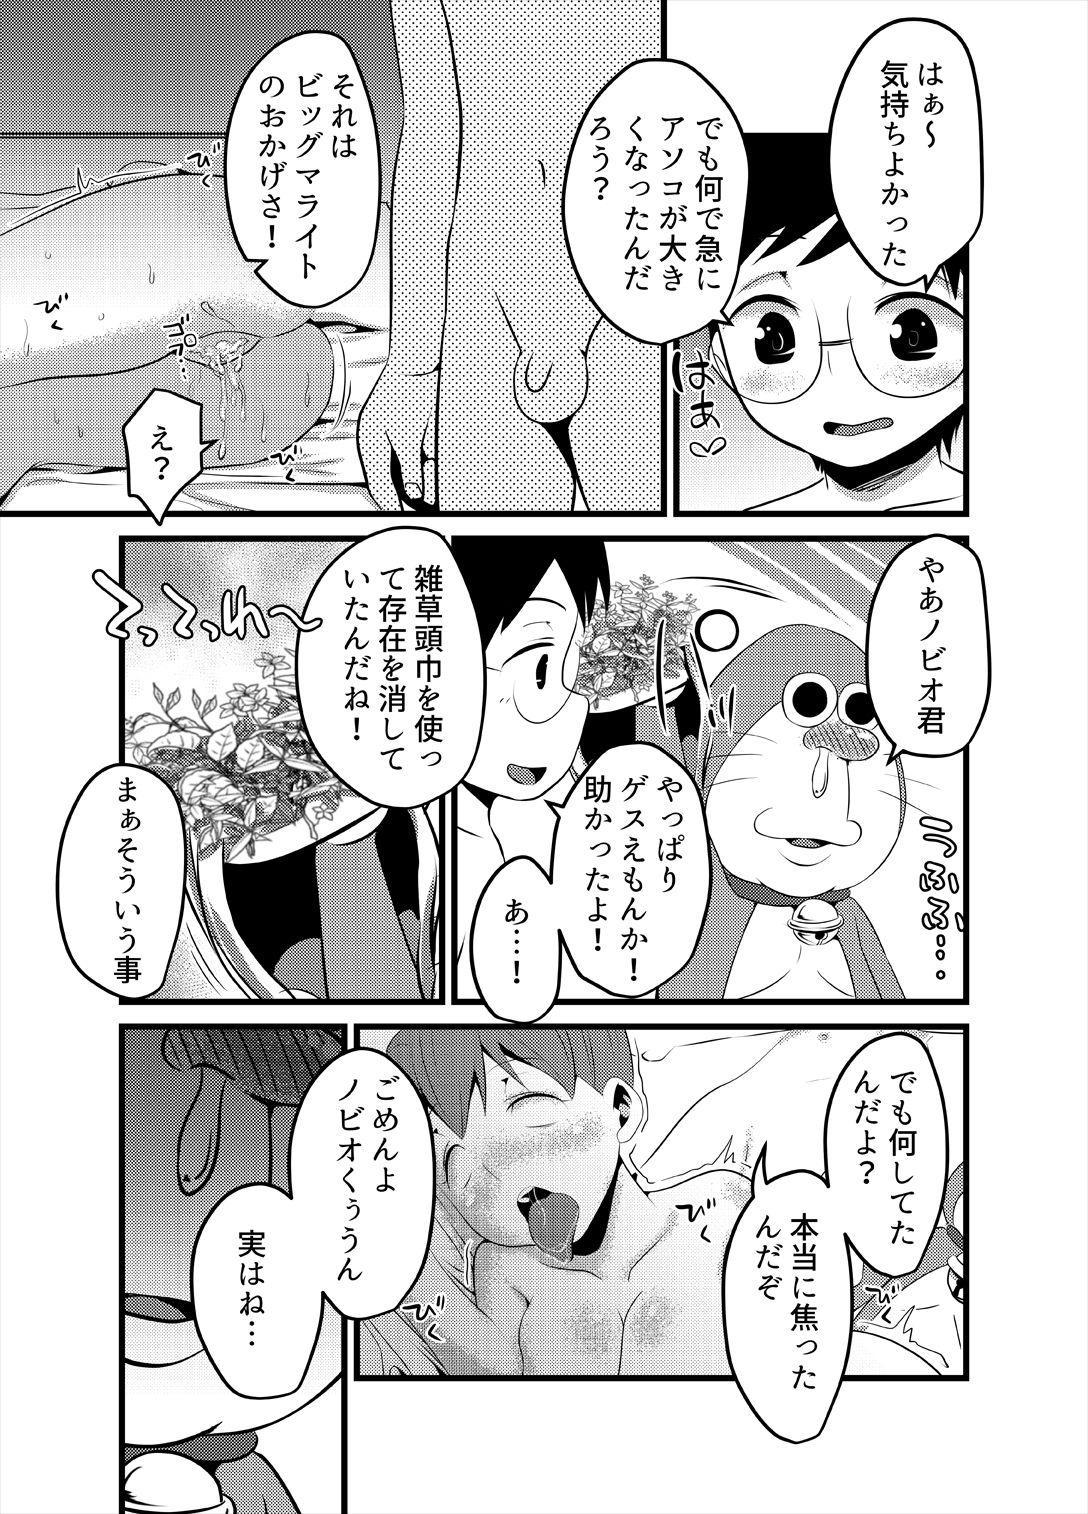 [Babymaker (Beco)] Gesuemon STAND-MY-D (Doraemon) [Digital] 21